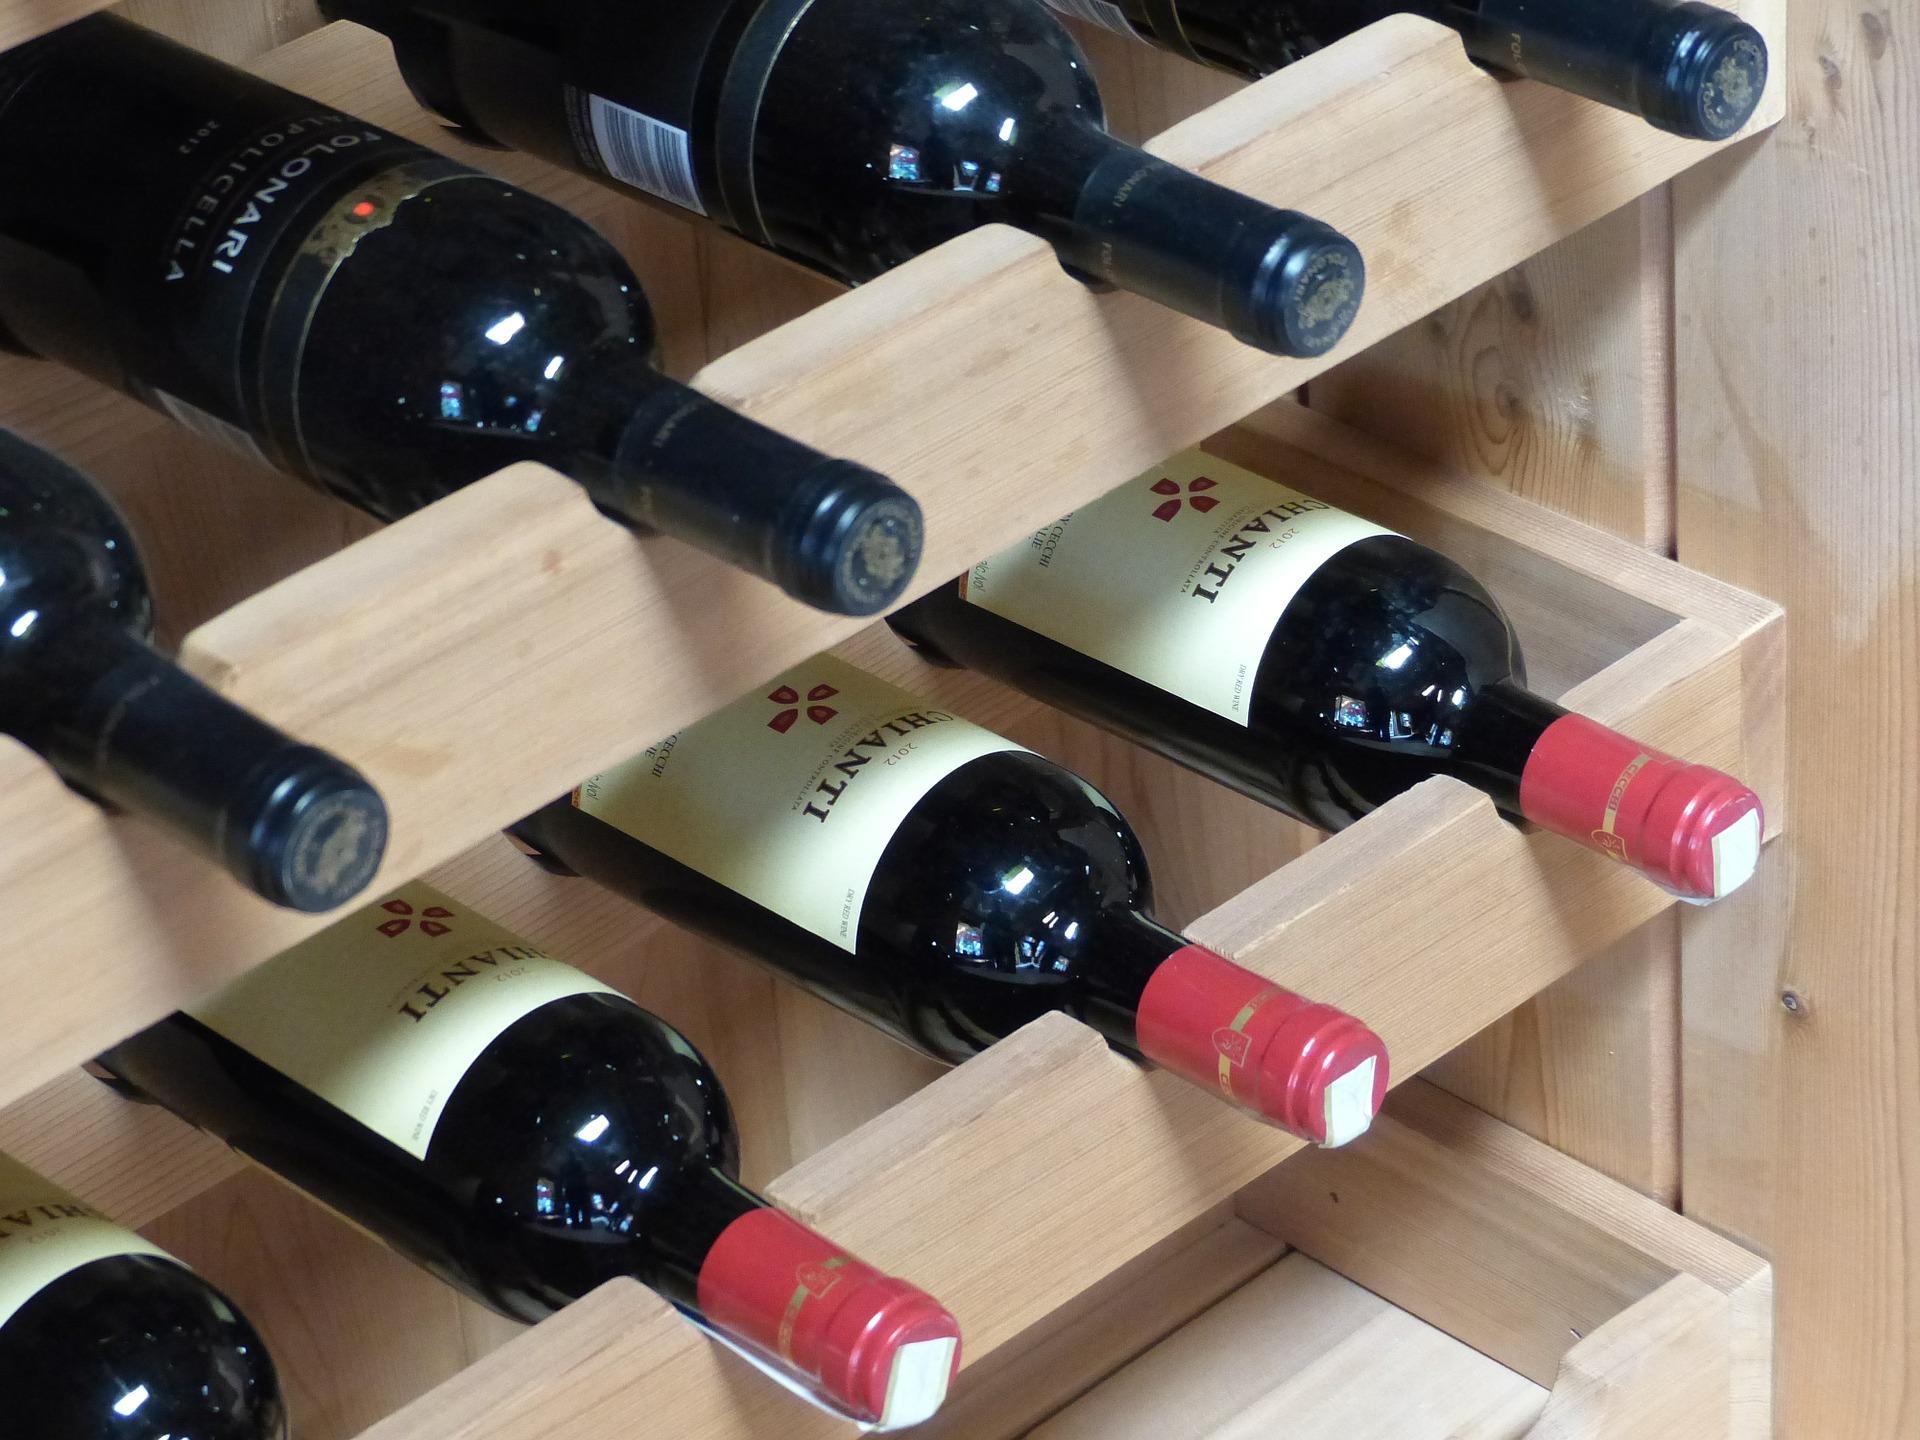 Kleiner Weinkühlschrank : Caso profi weinkühlschrank flaschen zonen weinklimaschrank